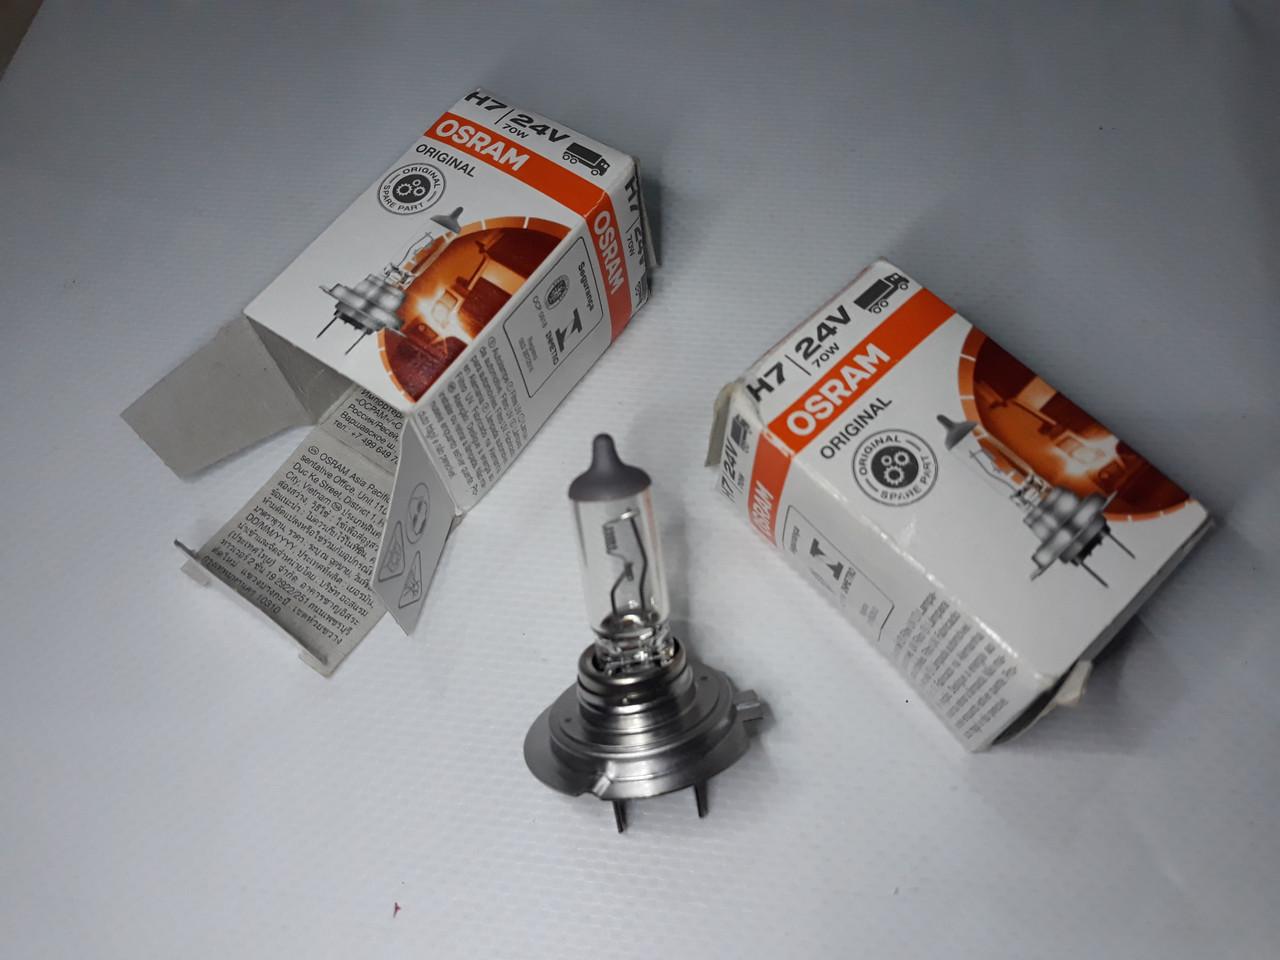 Лампа лампочка H7 24v 70w 24в 70вт osram original для грузовиков